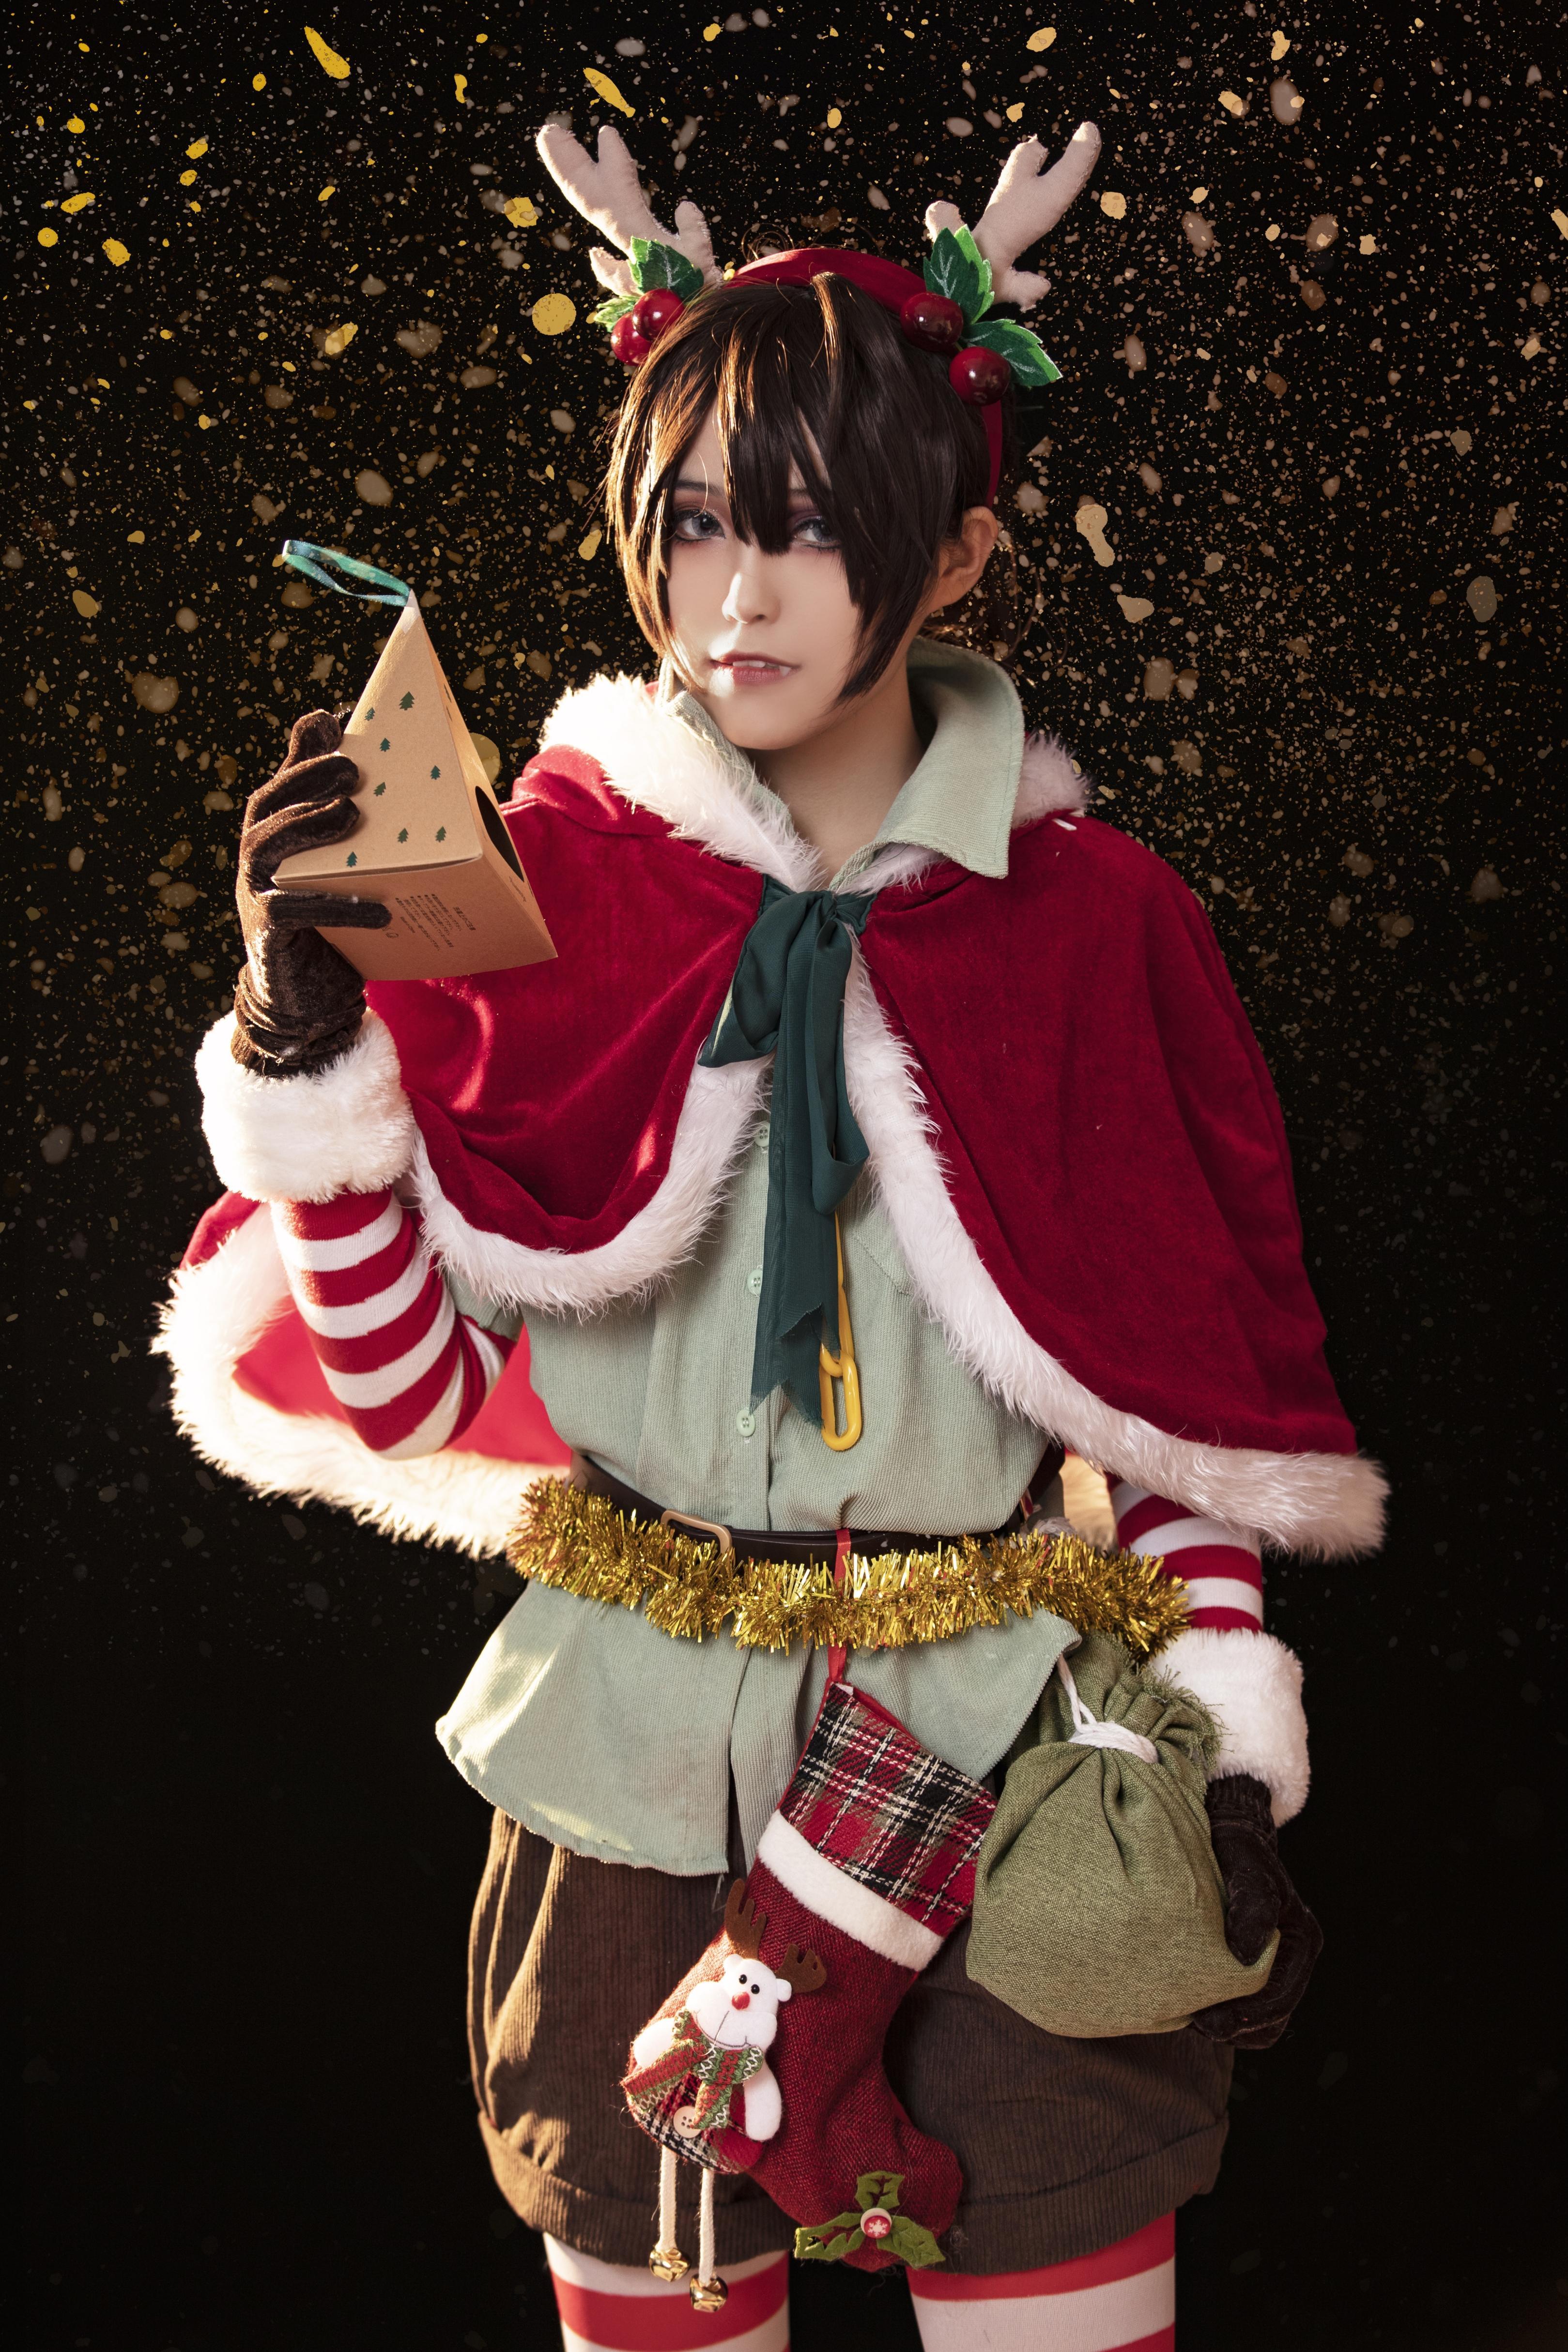 《第五人格》正片cosplay【CN:穆北辰-】-第5张